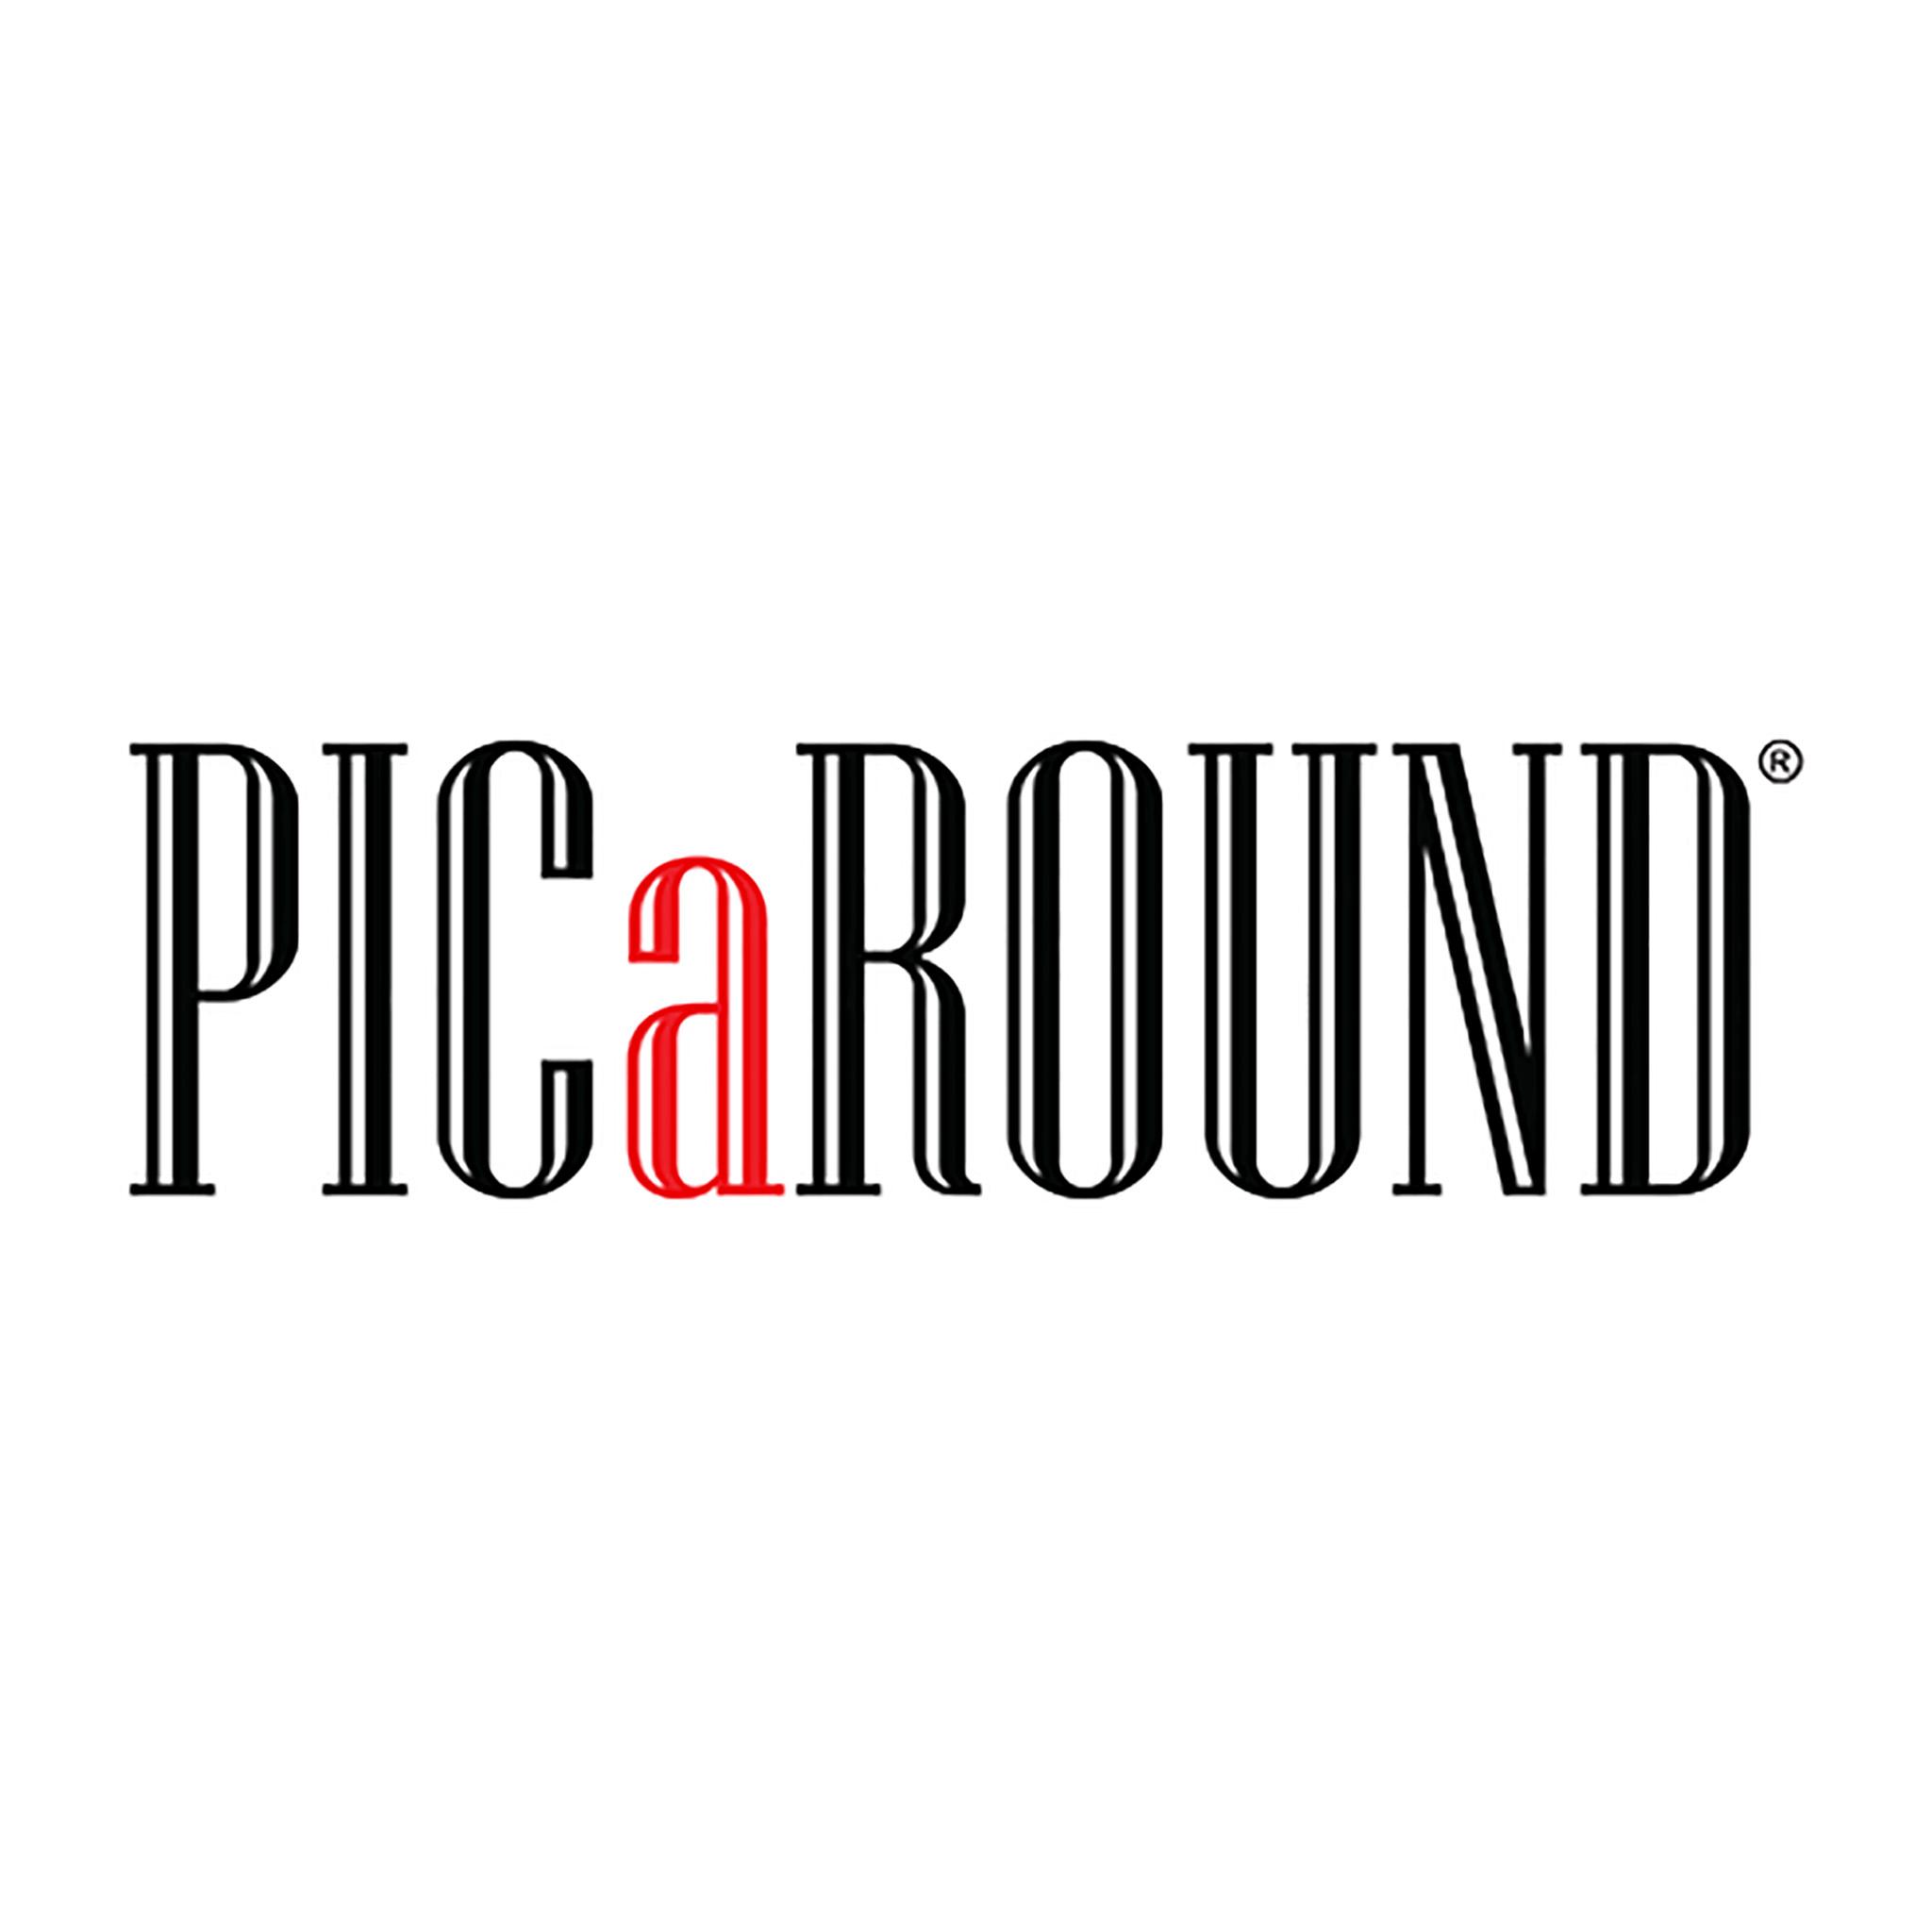 PICaROUND